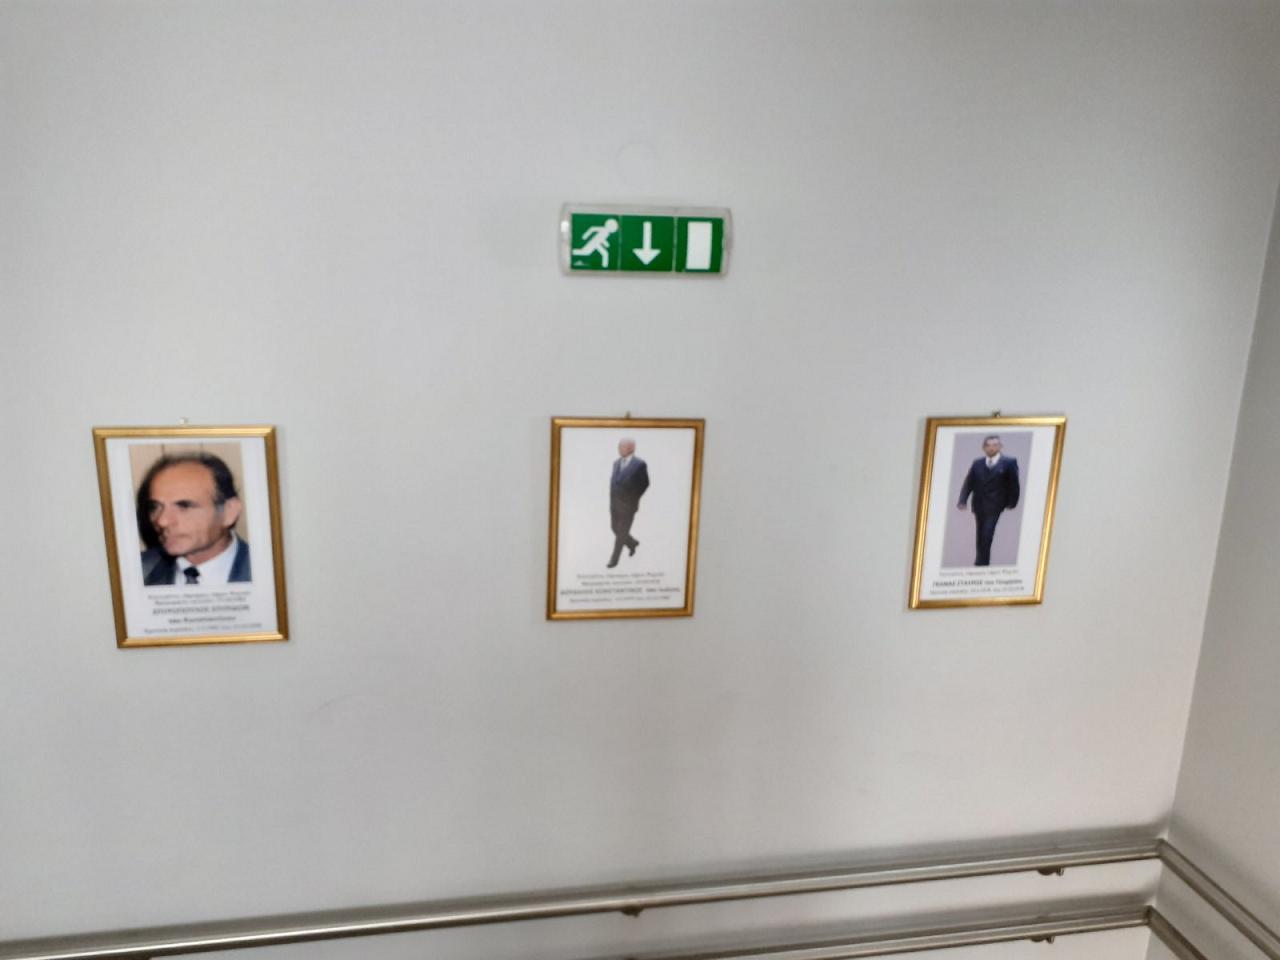 Κάδρα με φωτογραφίες όλων των Δημάρχων από το 1949 μέχρι και το 2014 τοποθέτησε ο Δήμαρχος Γιώργος Ψαθάς στις σκάλες του Δημαρχείου (φωτογραφίες) 1